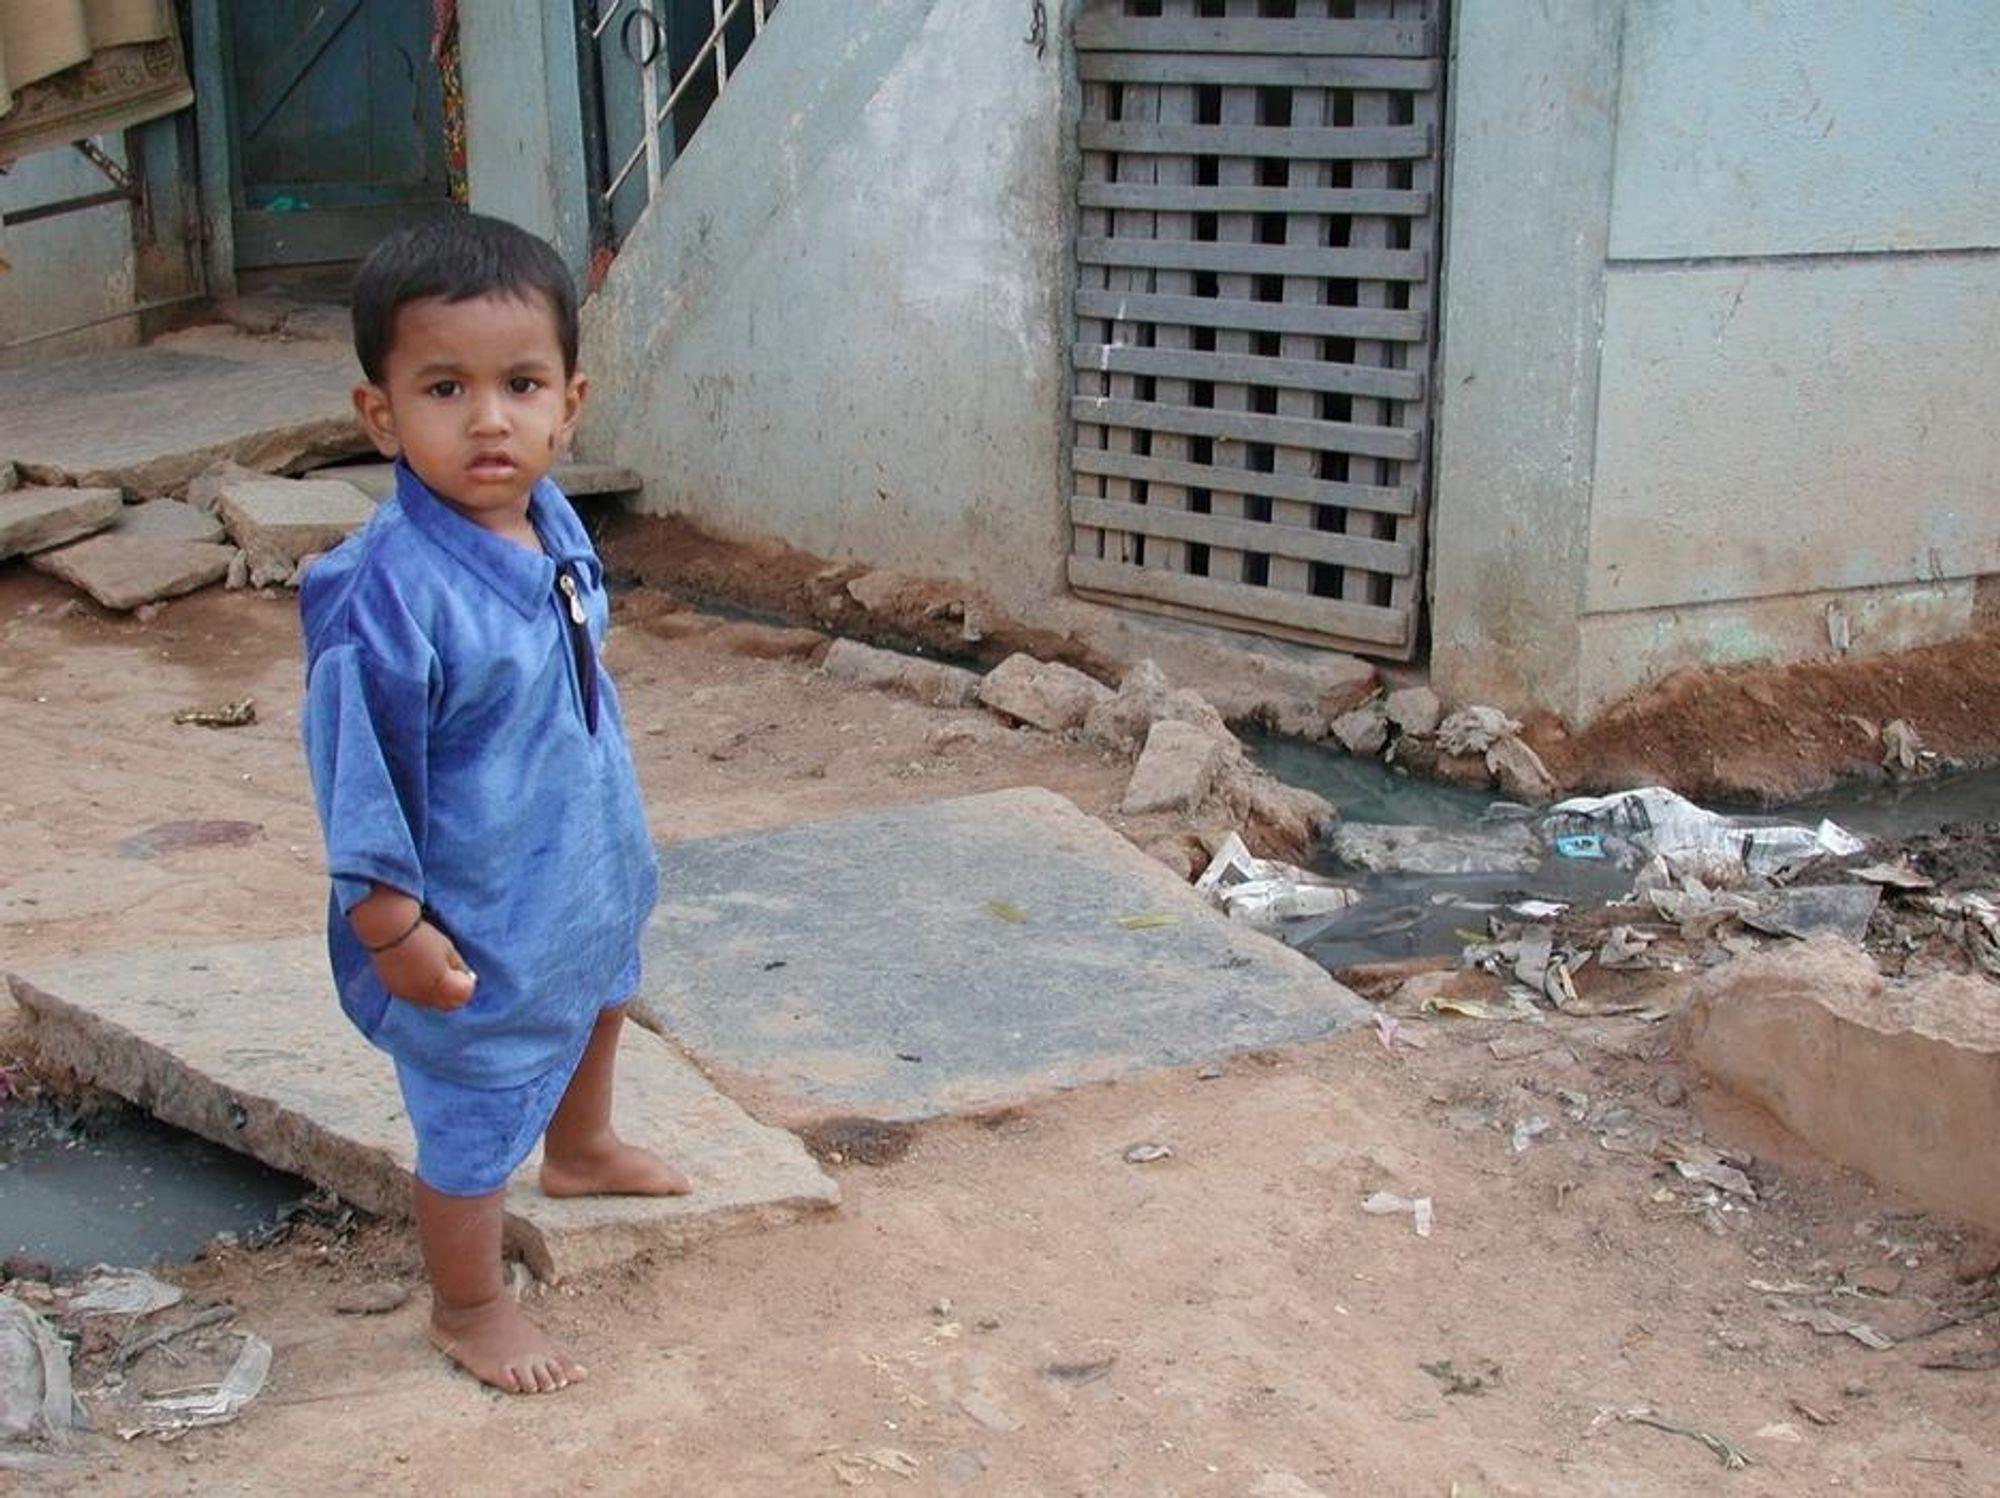 FRI FLYT: Kloakken strømmer fritt i gatene i slummen i Bangalore, India. De hygieniske forholdene er ubeskrivelige. Professor Petter Jenssen ved UMB mener det er feil å benytte våre vestlige løsninger ukritisk i uland. Han har lang erfaring internasjonalt med kretsløpsbaserte avløpssystemer.